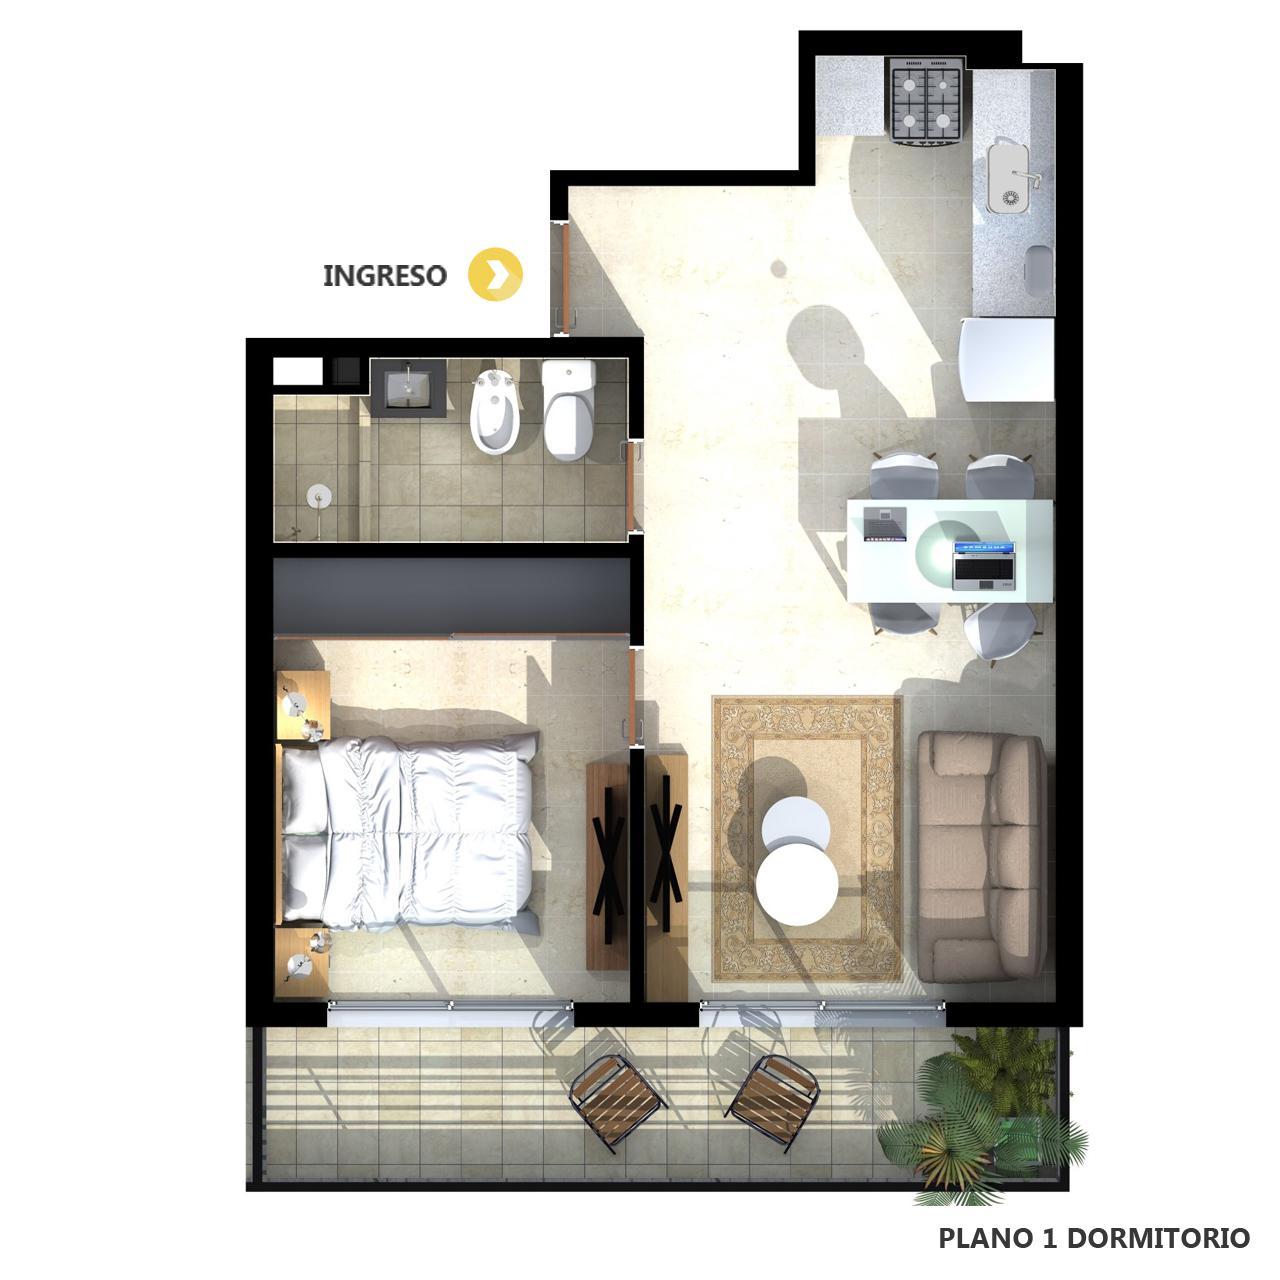 Venta departamento 1 dormitorio Rosario, Parque España. Cod CBU23332 AP2200109. Crestale Propiedades